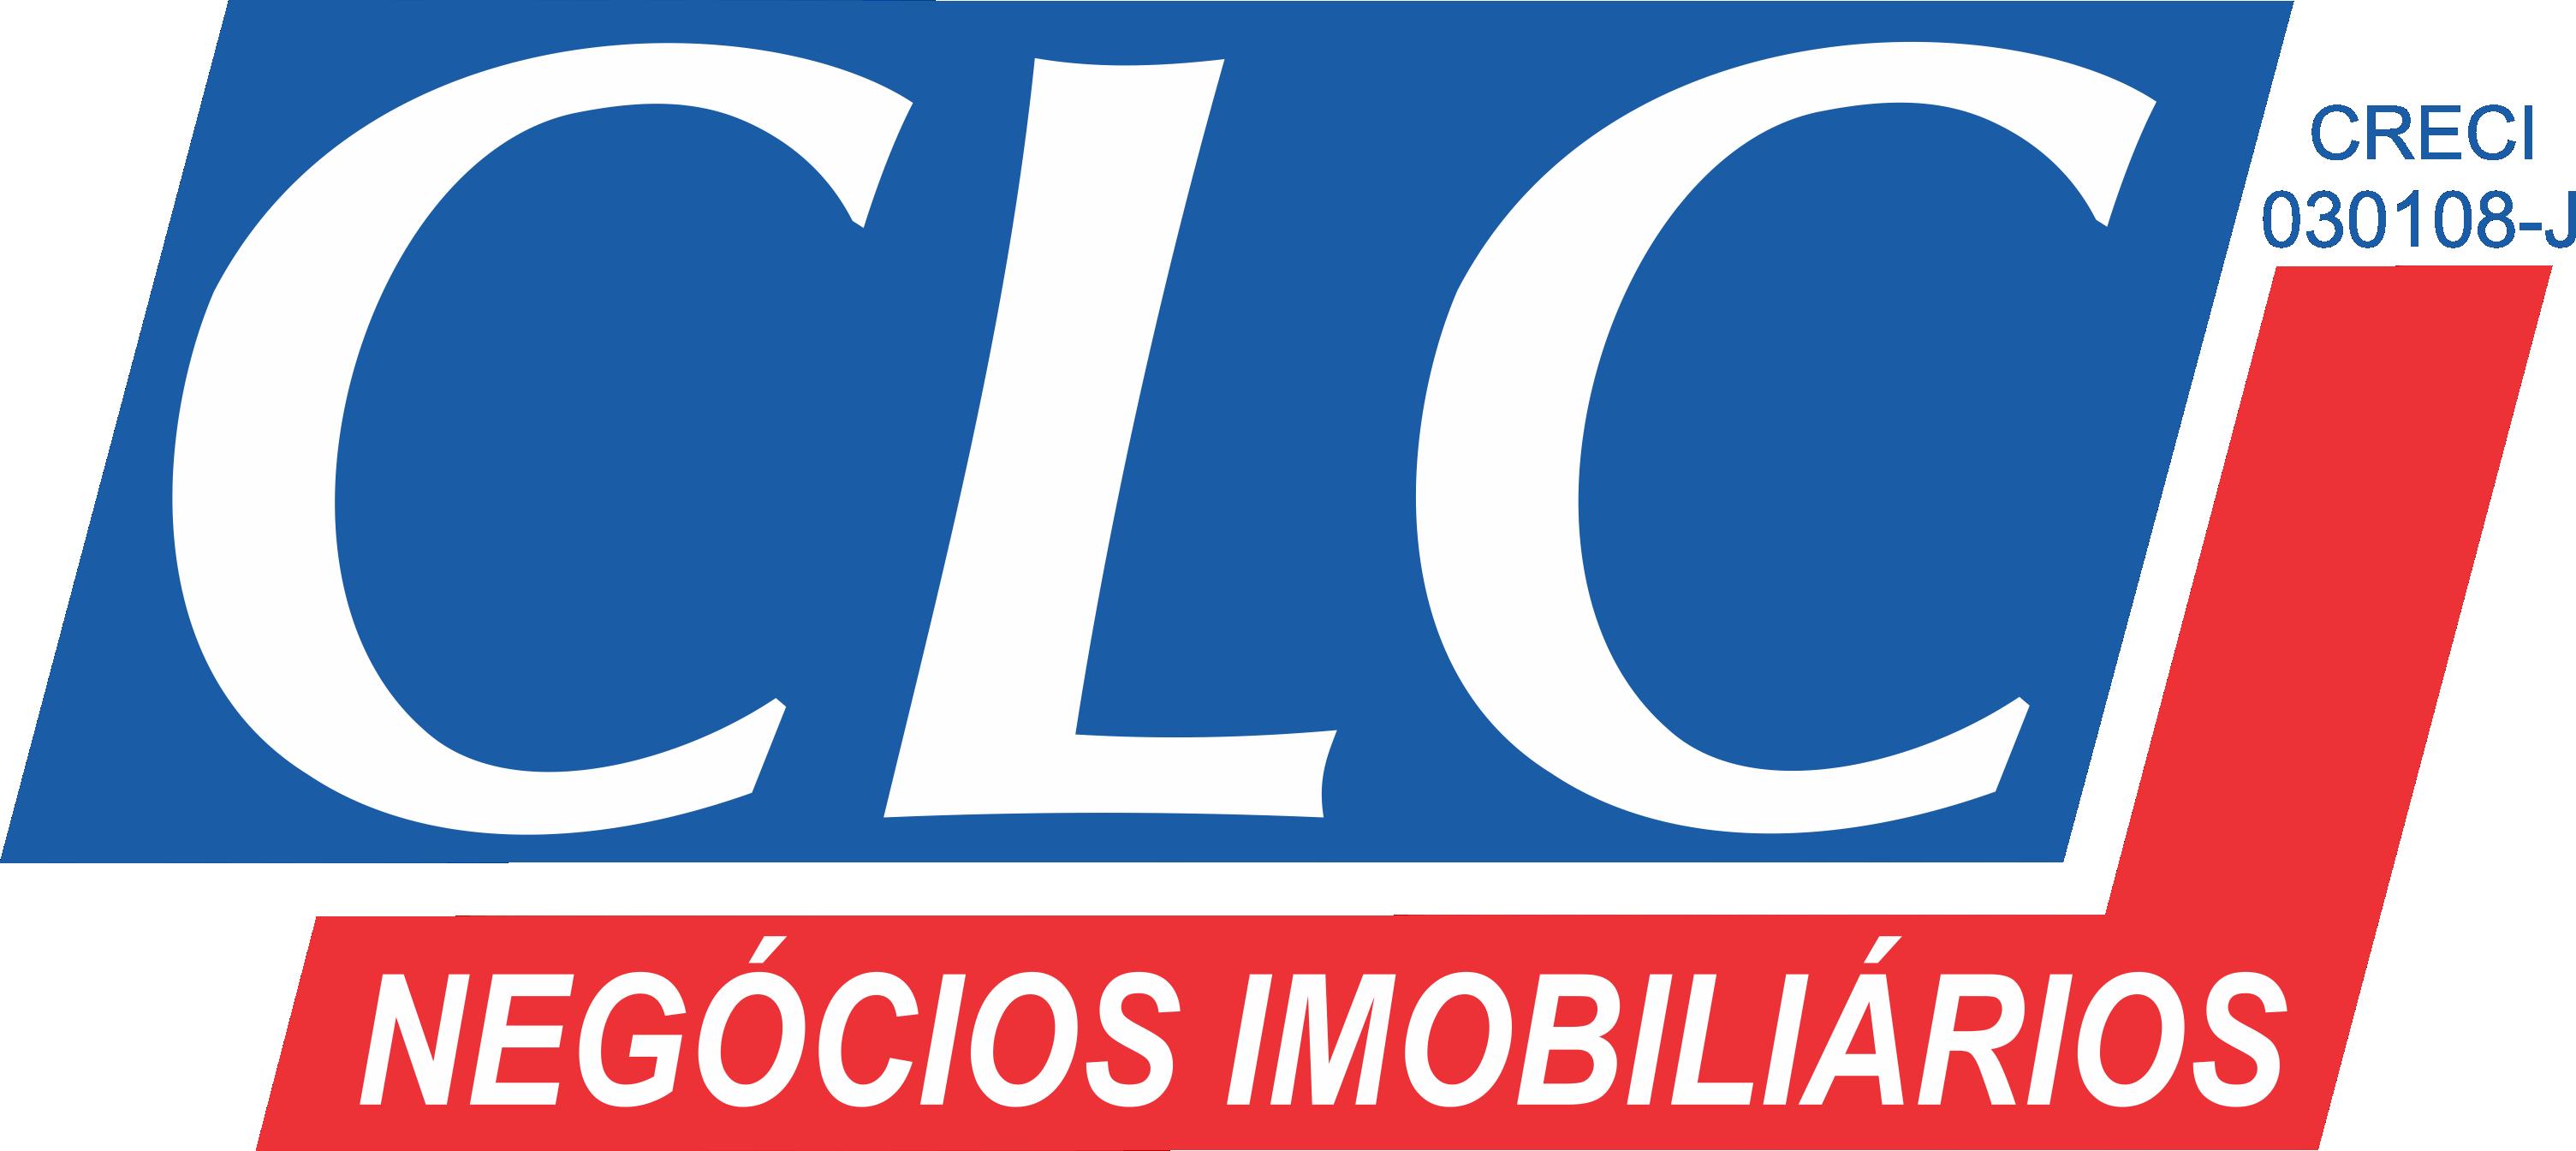 CLC NEGÓCIOS IMOBILIÁRIOS